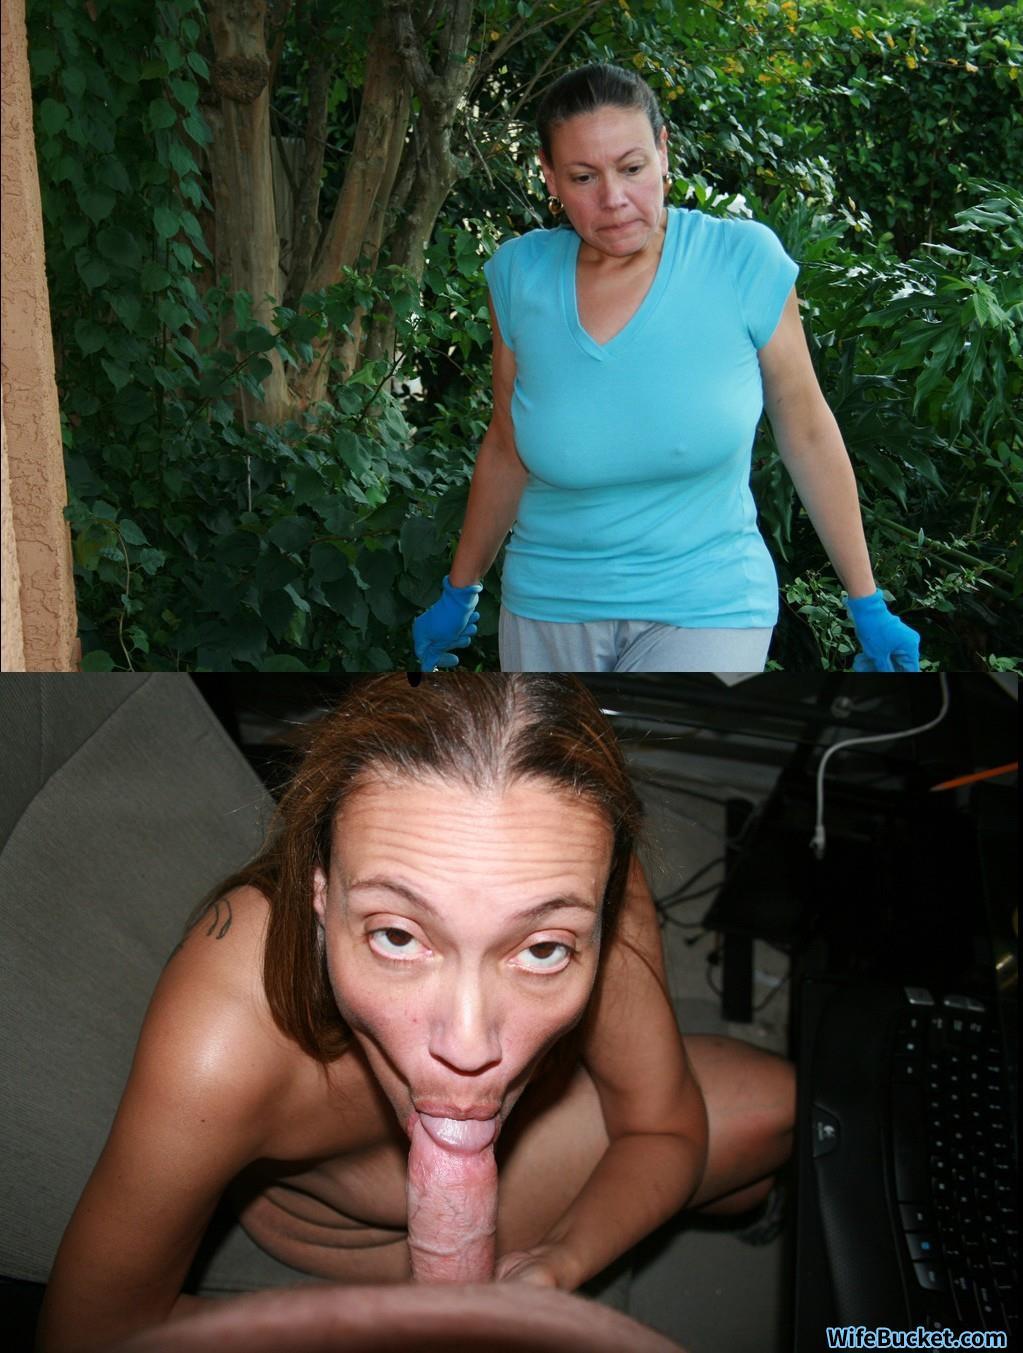 D fuck her gentaly